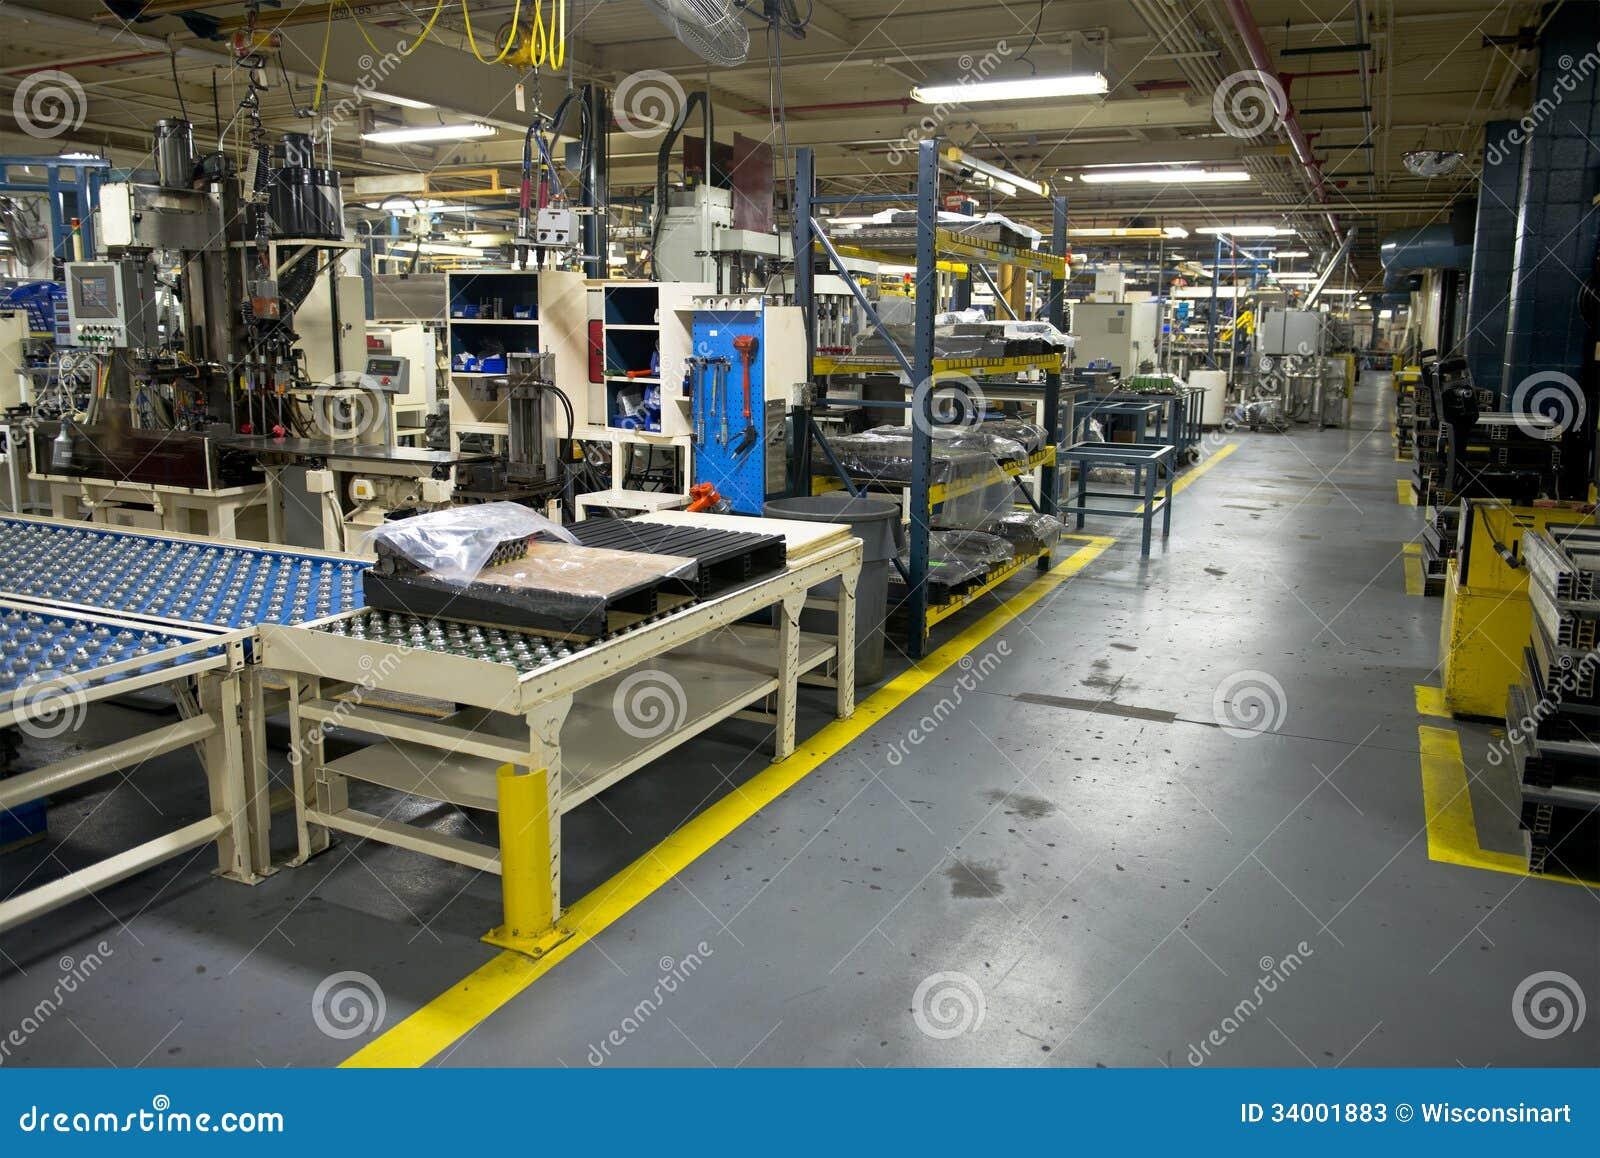 Lugar de trabalho industrial da fábrica da fabricação